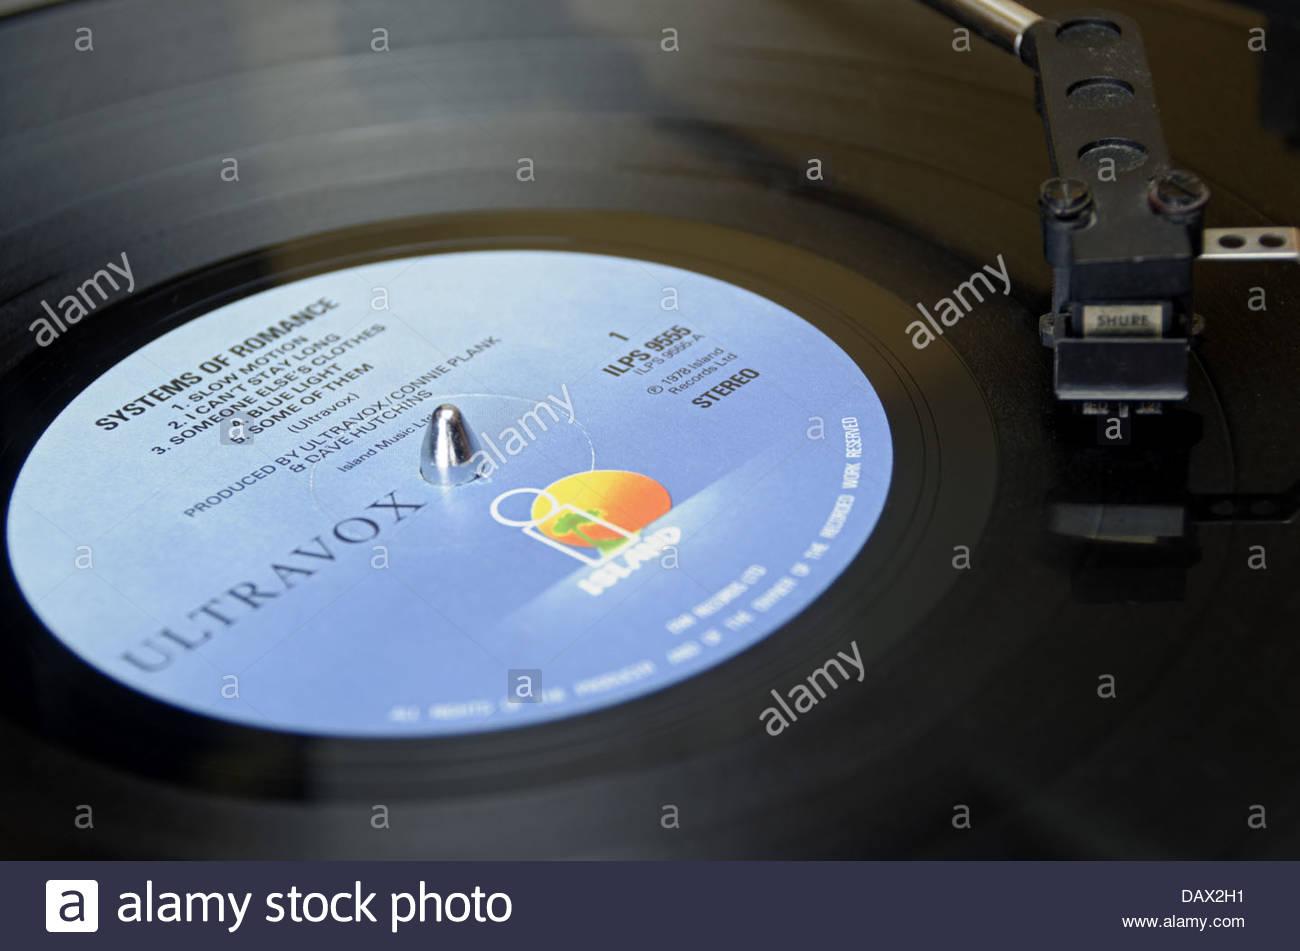 Island Records record company music label for the album